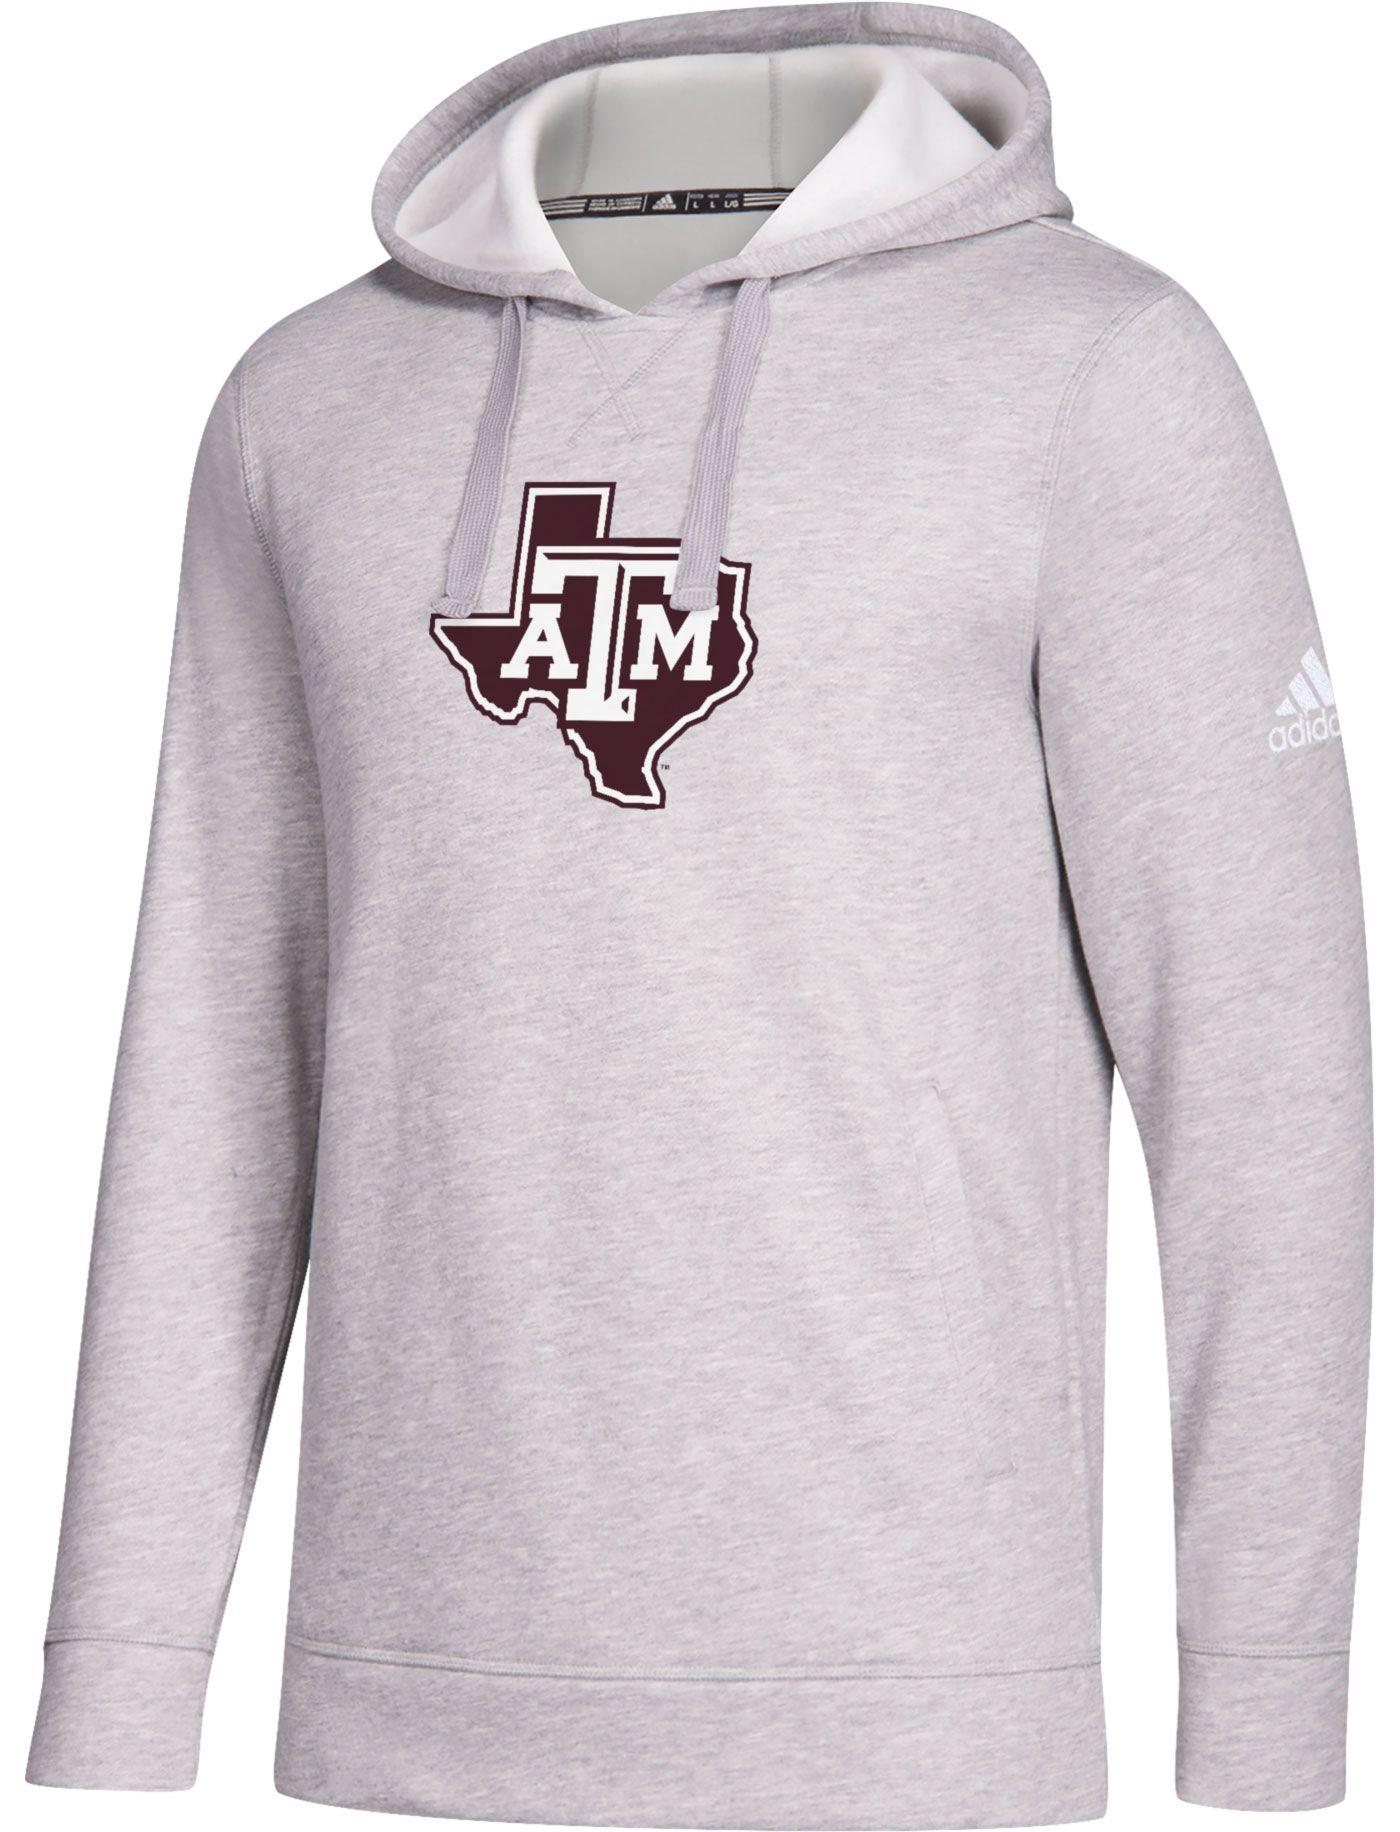 adidas Men's Texas A&M Aggies Grey Logo Fleece Pullover Hoodie